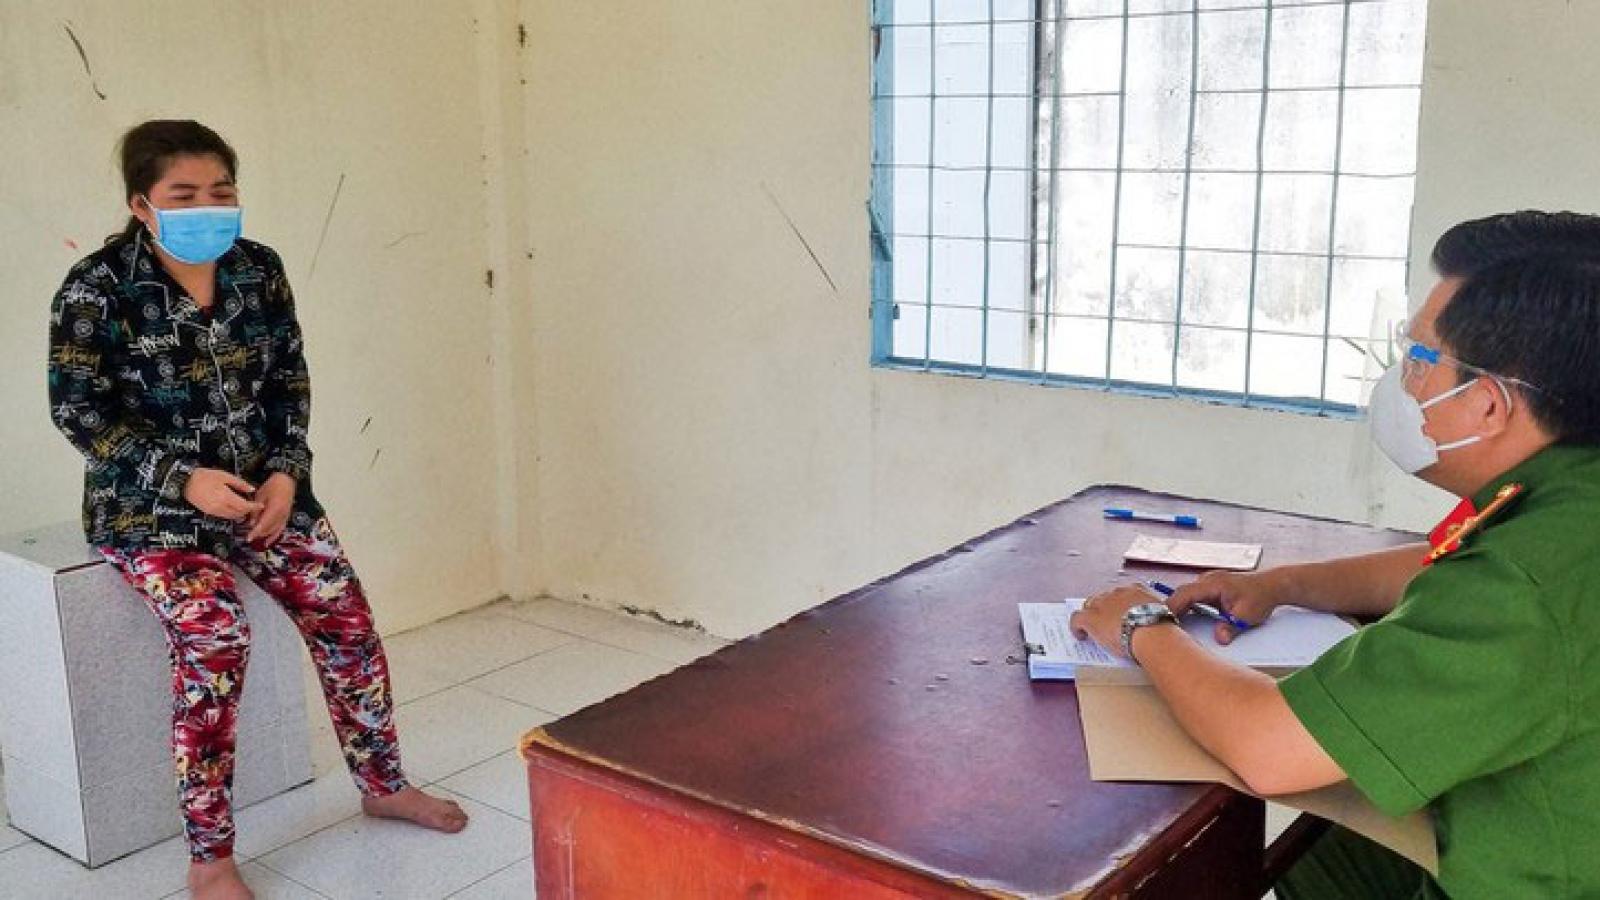 Nóng 24h: Người phụ nữ cắn tay, thóa mạ công an chống dịch